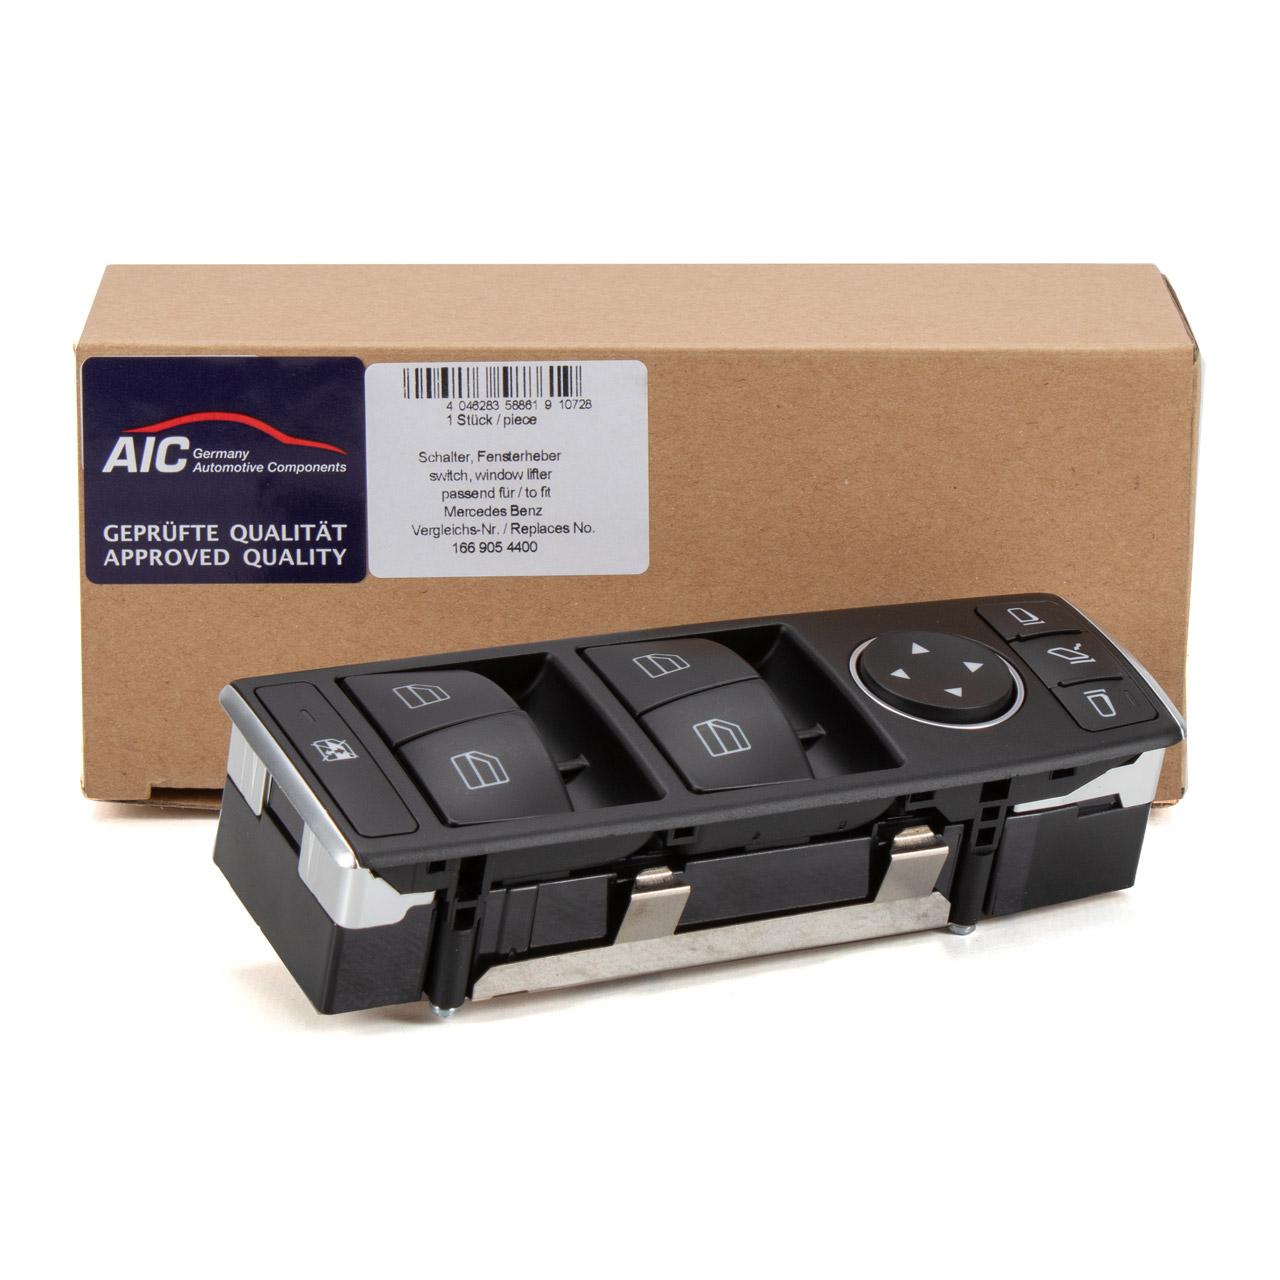 AIC Schalter Fensterheber MERCEDES-BENZ W176 W246 CLA C117 GLE W166 W463 X156 vorne links